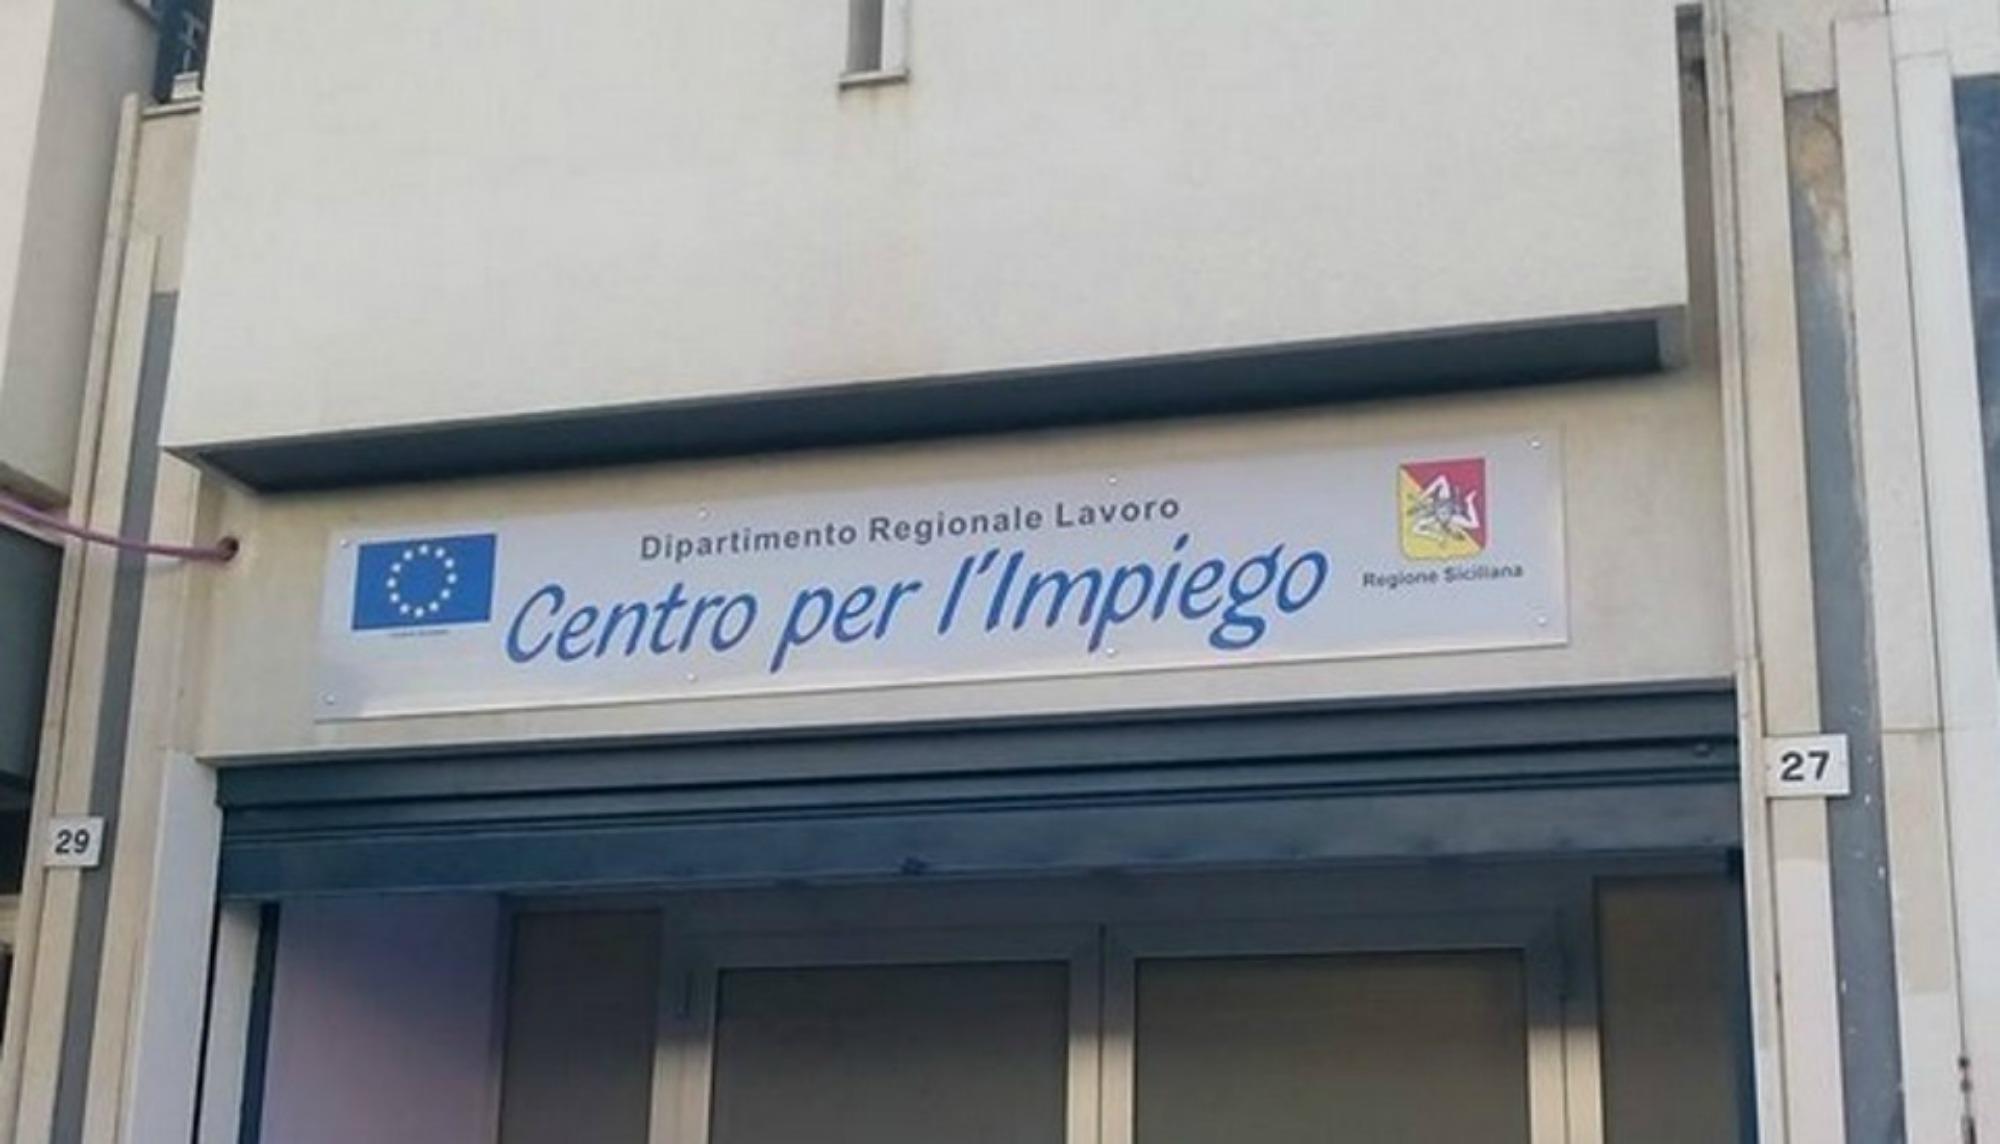 Ufficio Di Collocamento Catania : Ufficio di collocamento di catania mapio